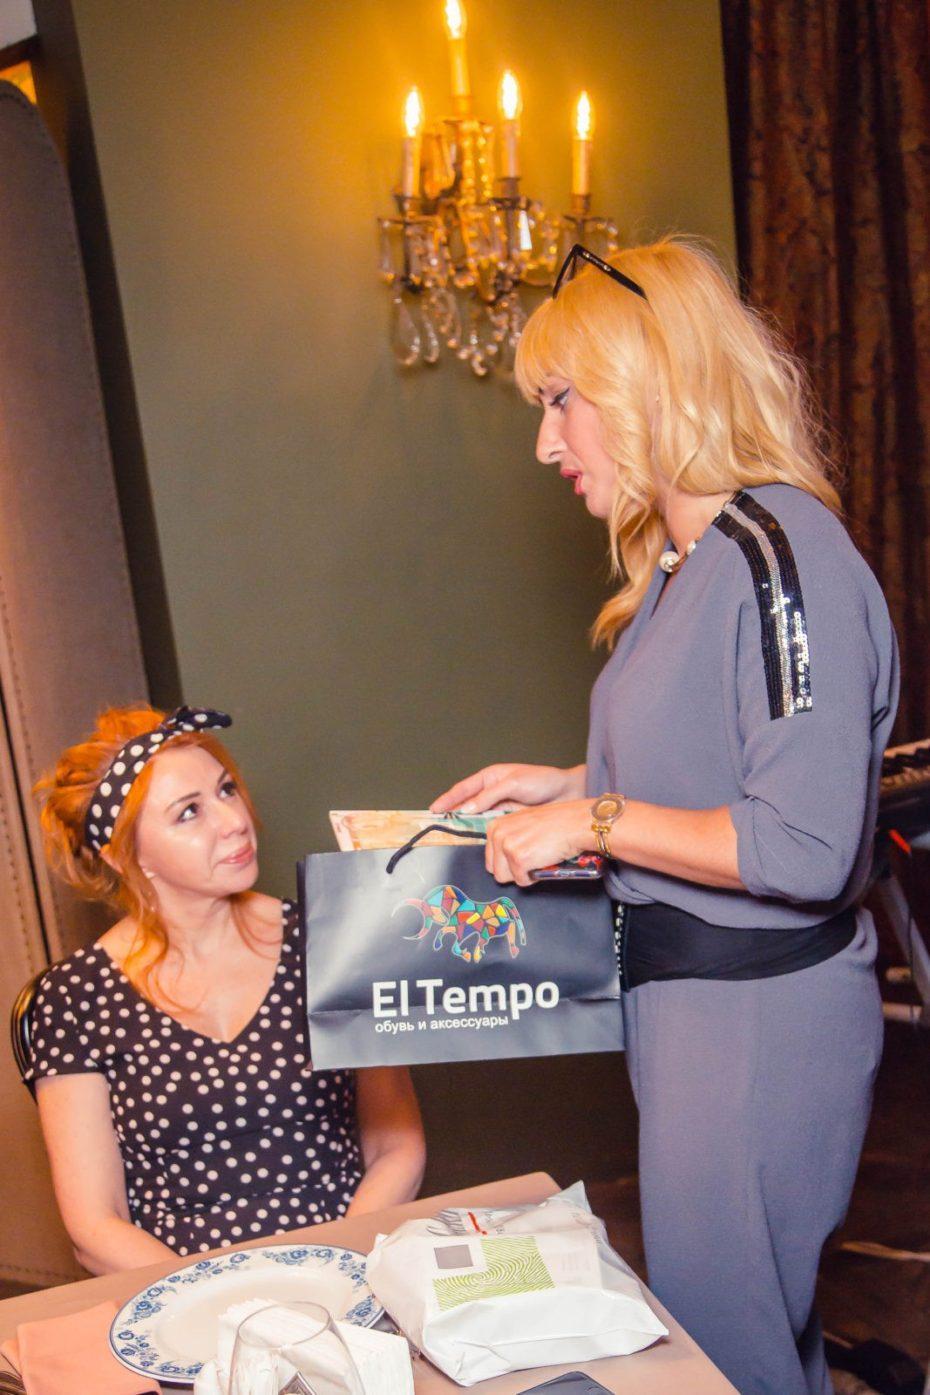 Бренд El tempo предоставила подарки на дне рождения Виктории Пьер-Мари 13